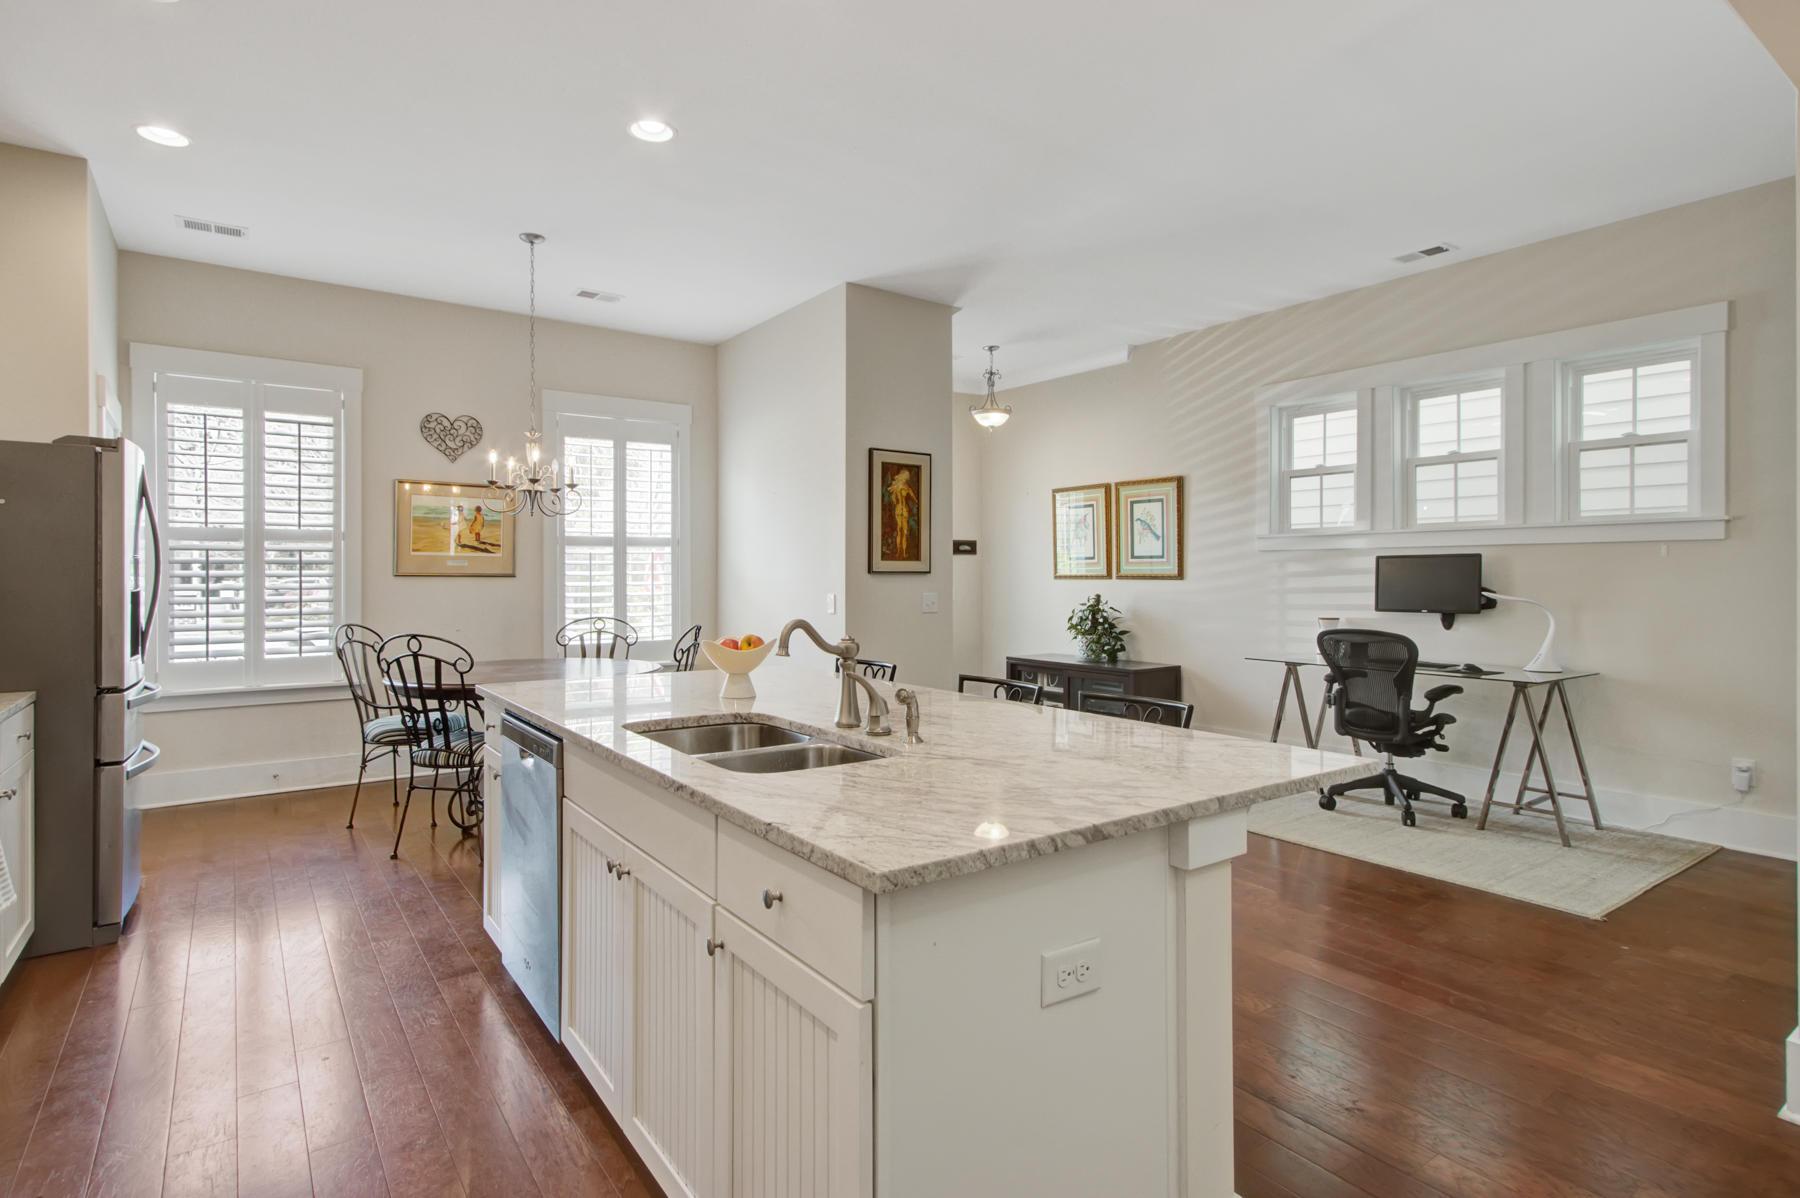 Moultrie Park Homes For Sale - 610 Ellingson, Mount Pleasant, SC - 20